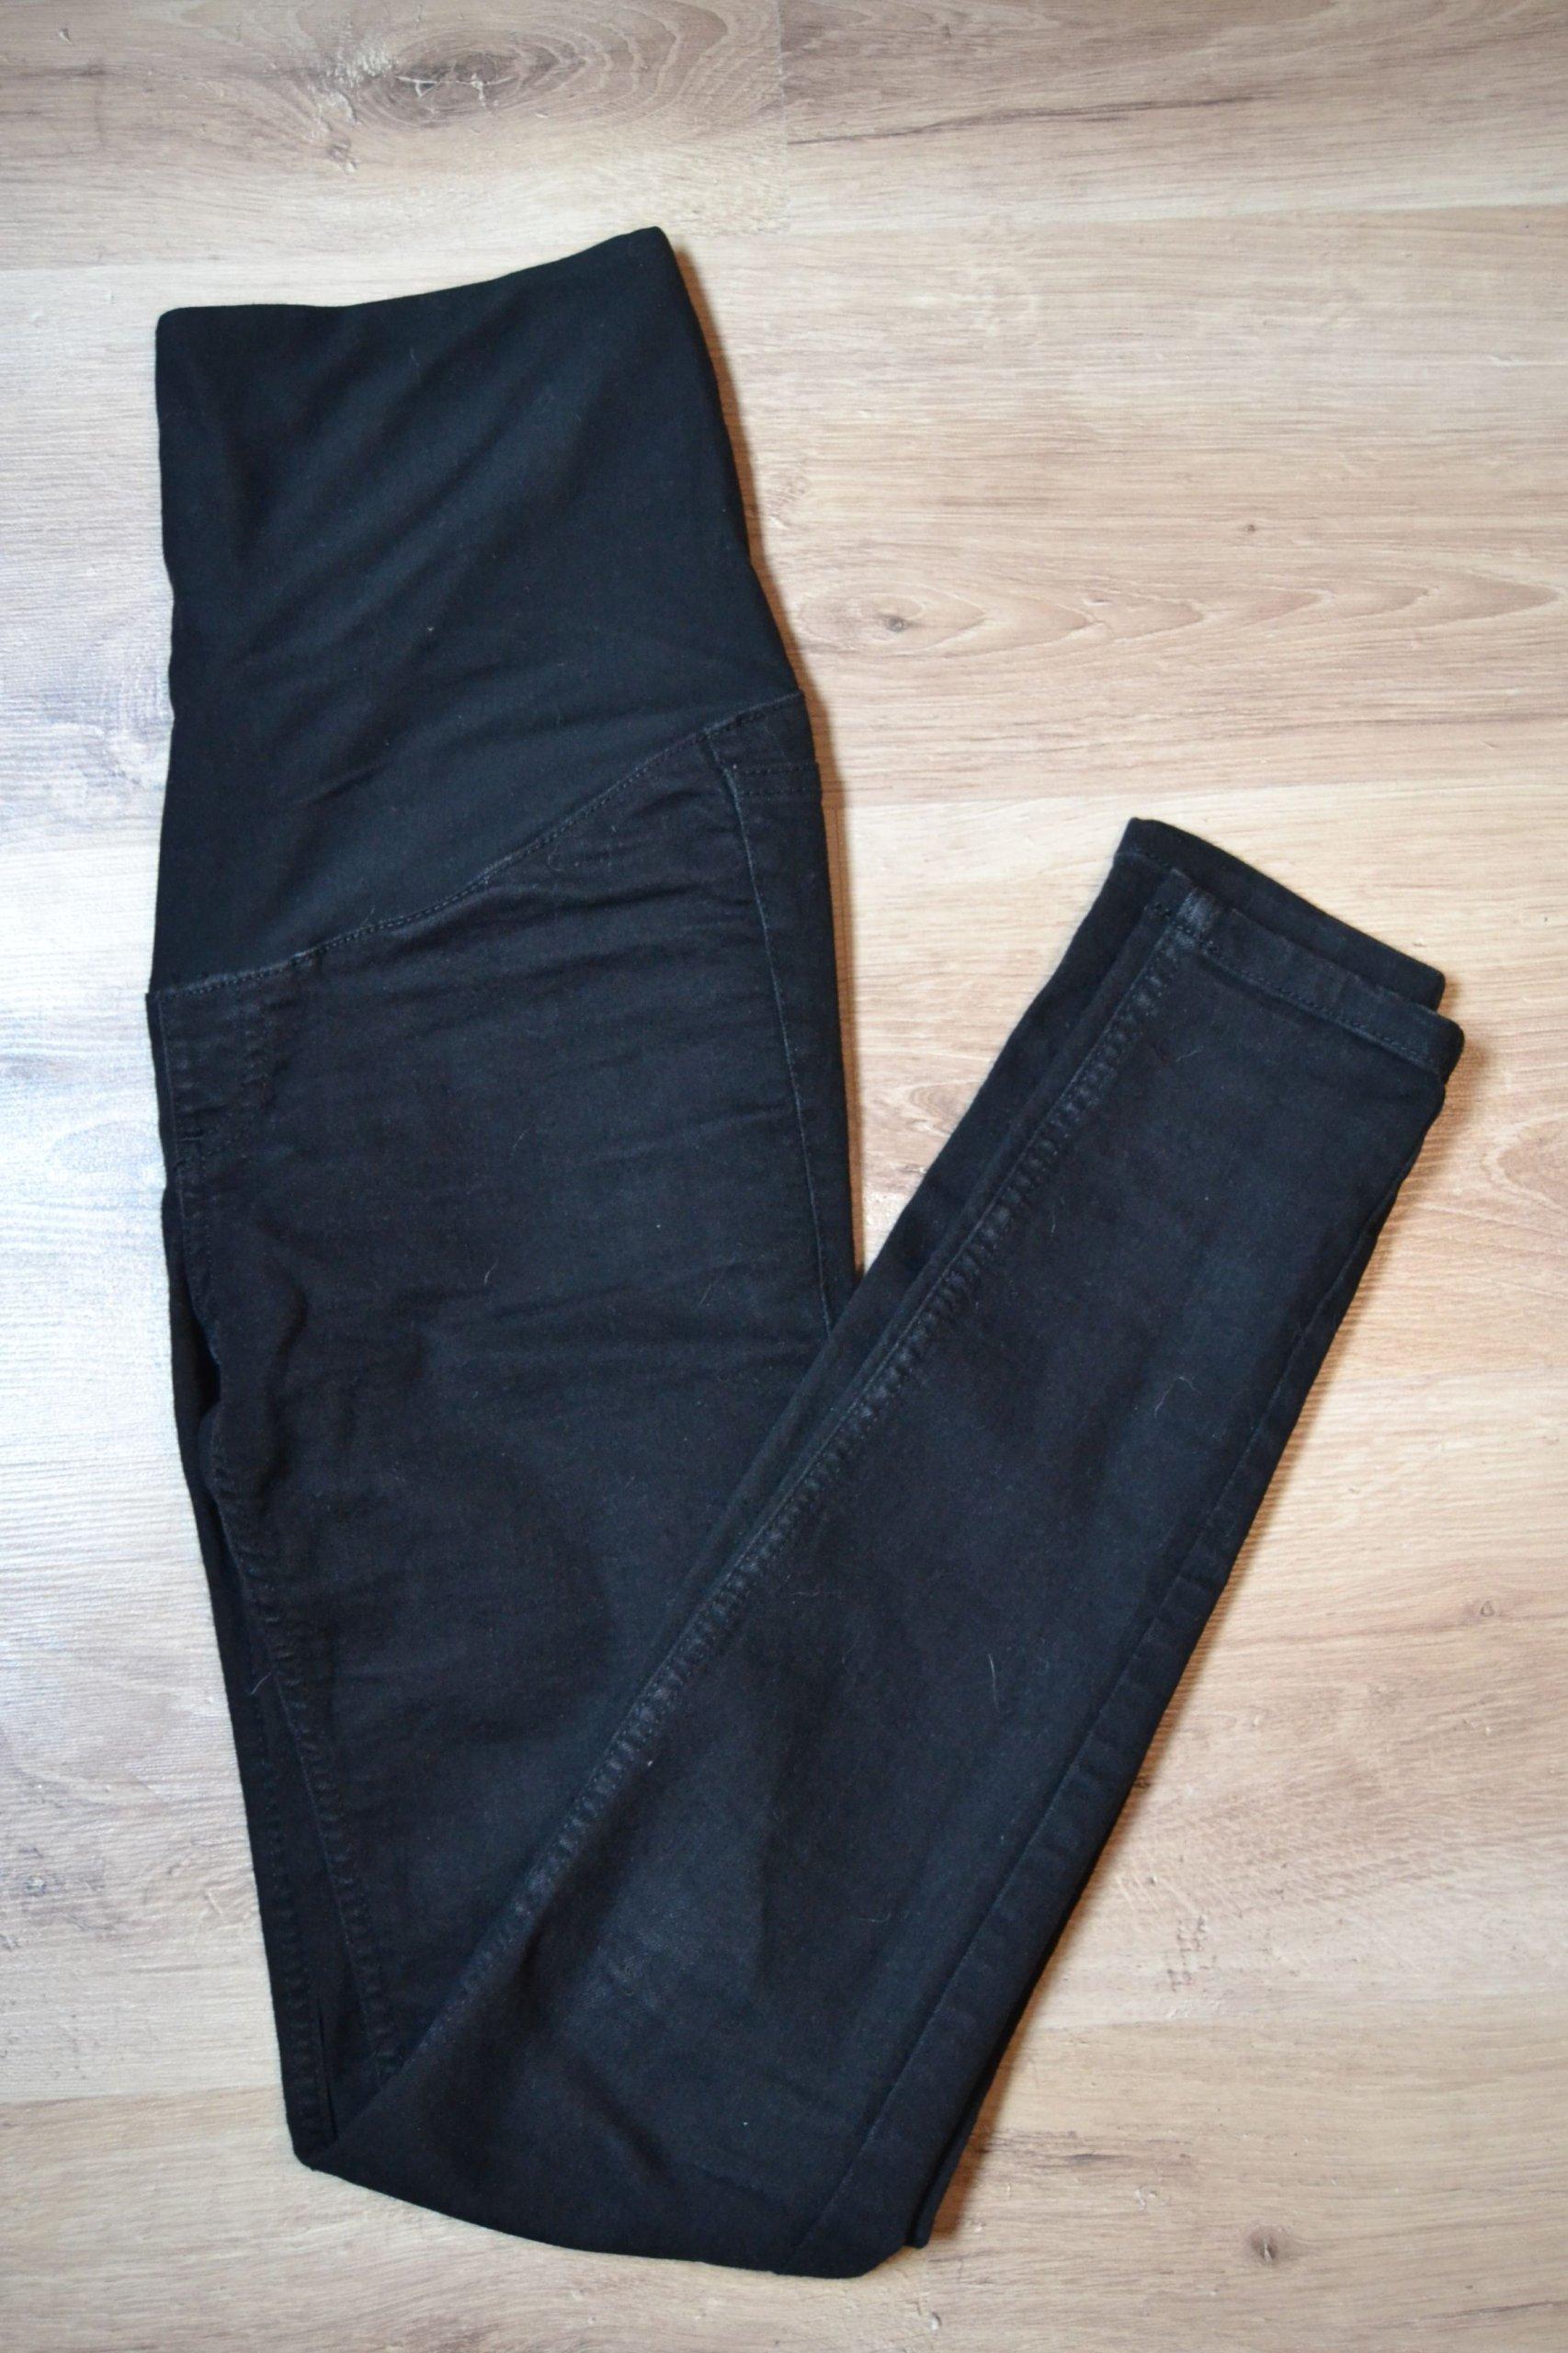 bbdc7a865a107c H&M mama spodnie ciążowe xs 34 czarne jak nowe - 7323586091 ...